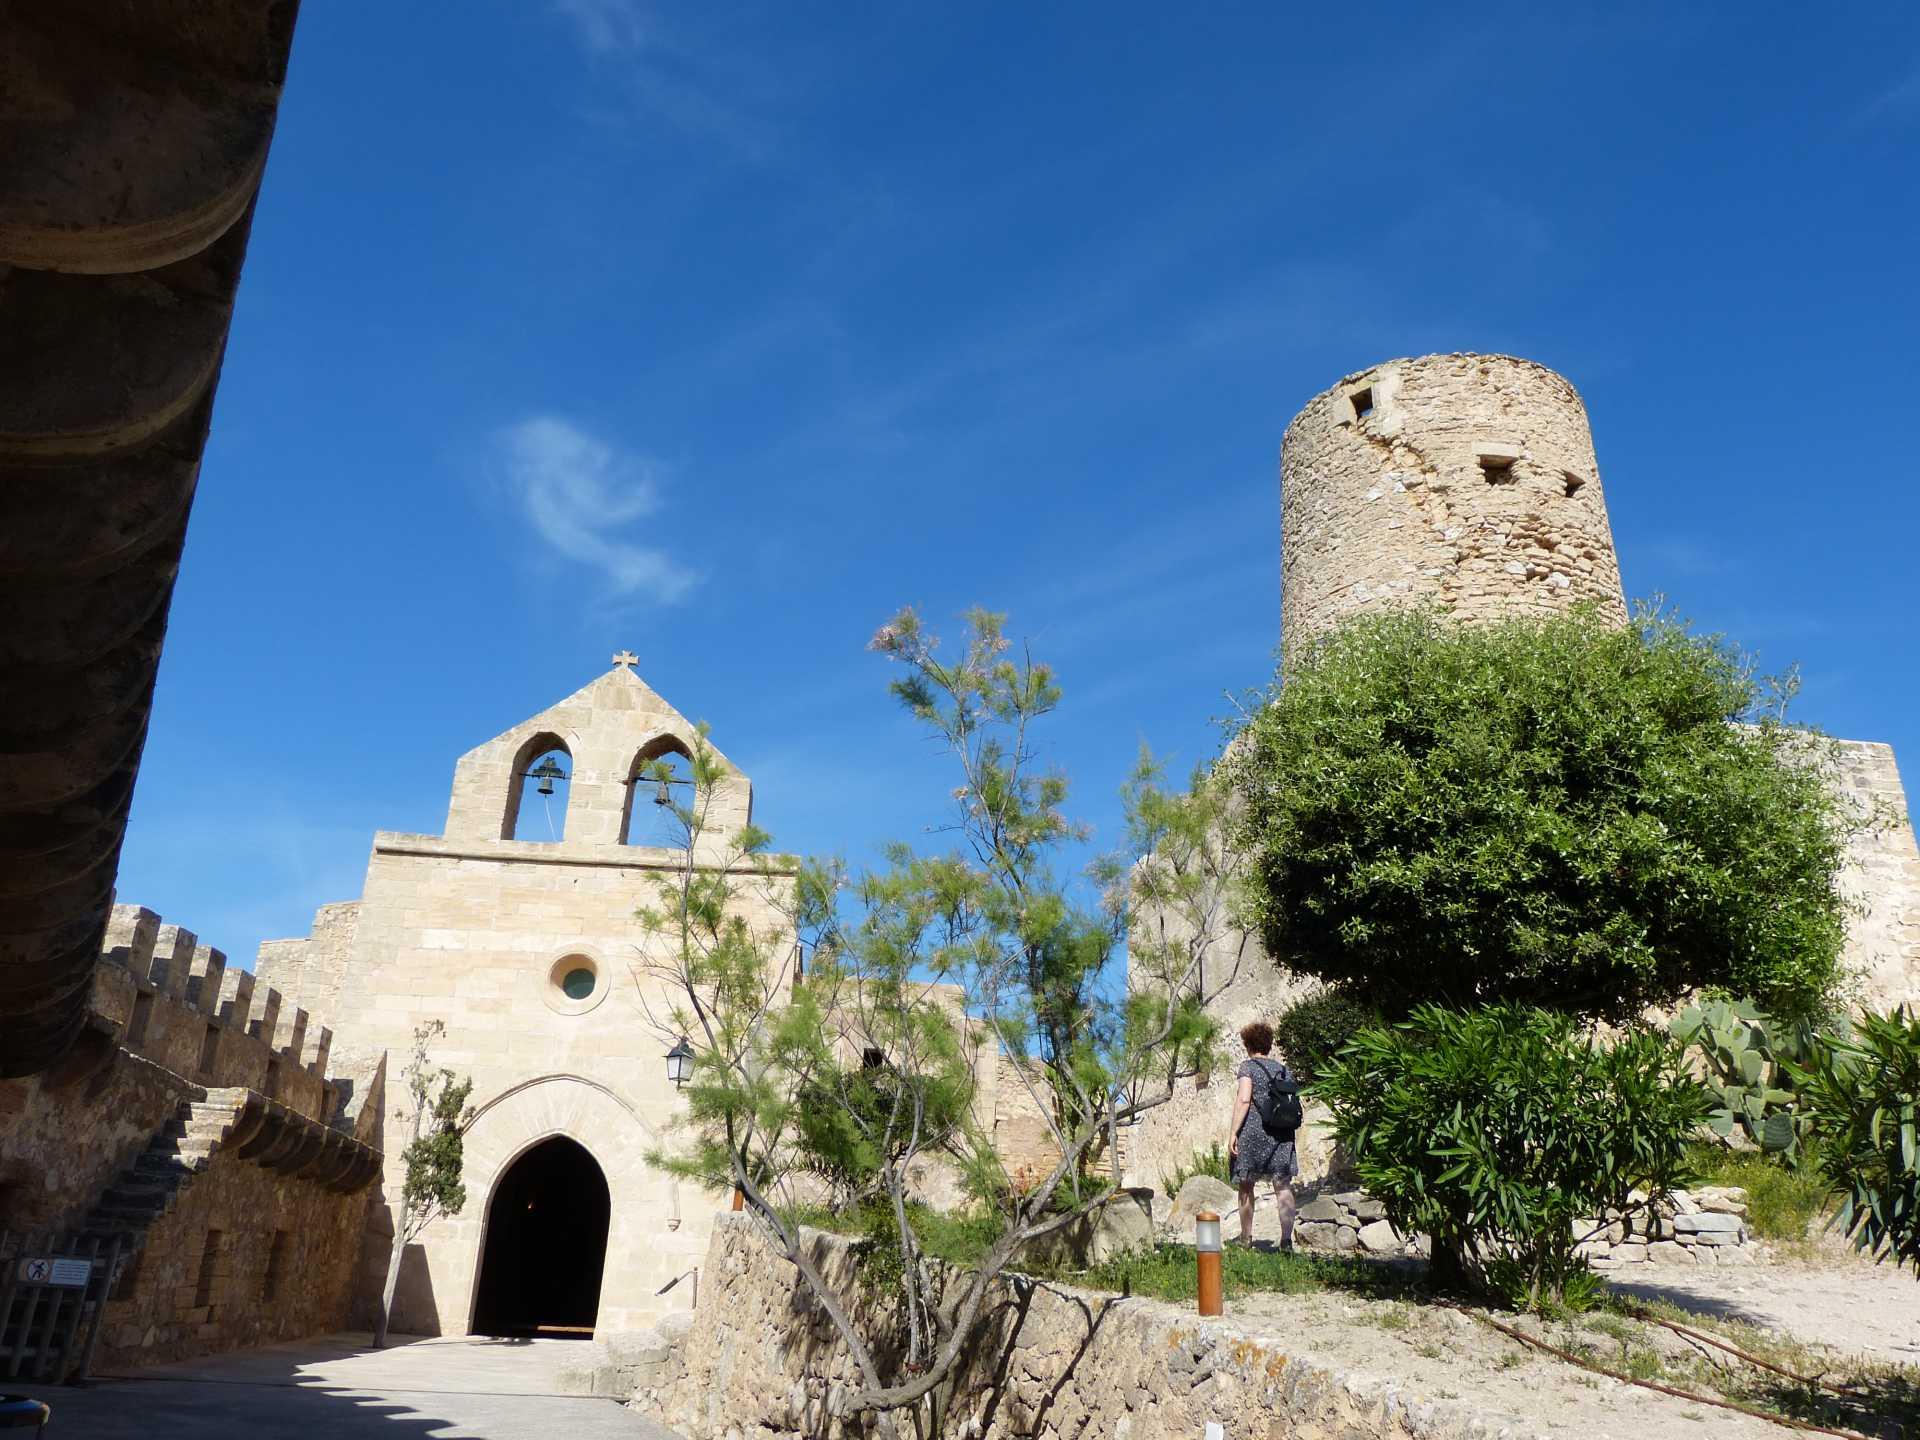 Auf der Burg in Capdepera